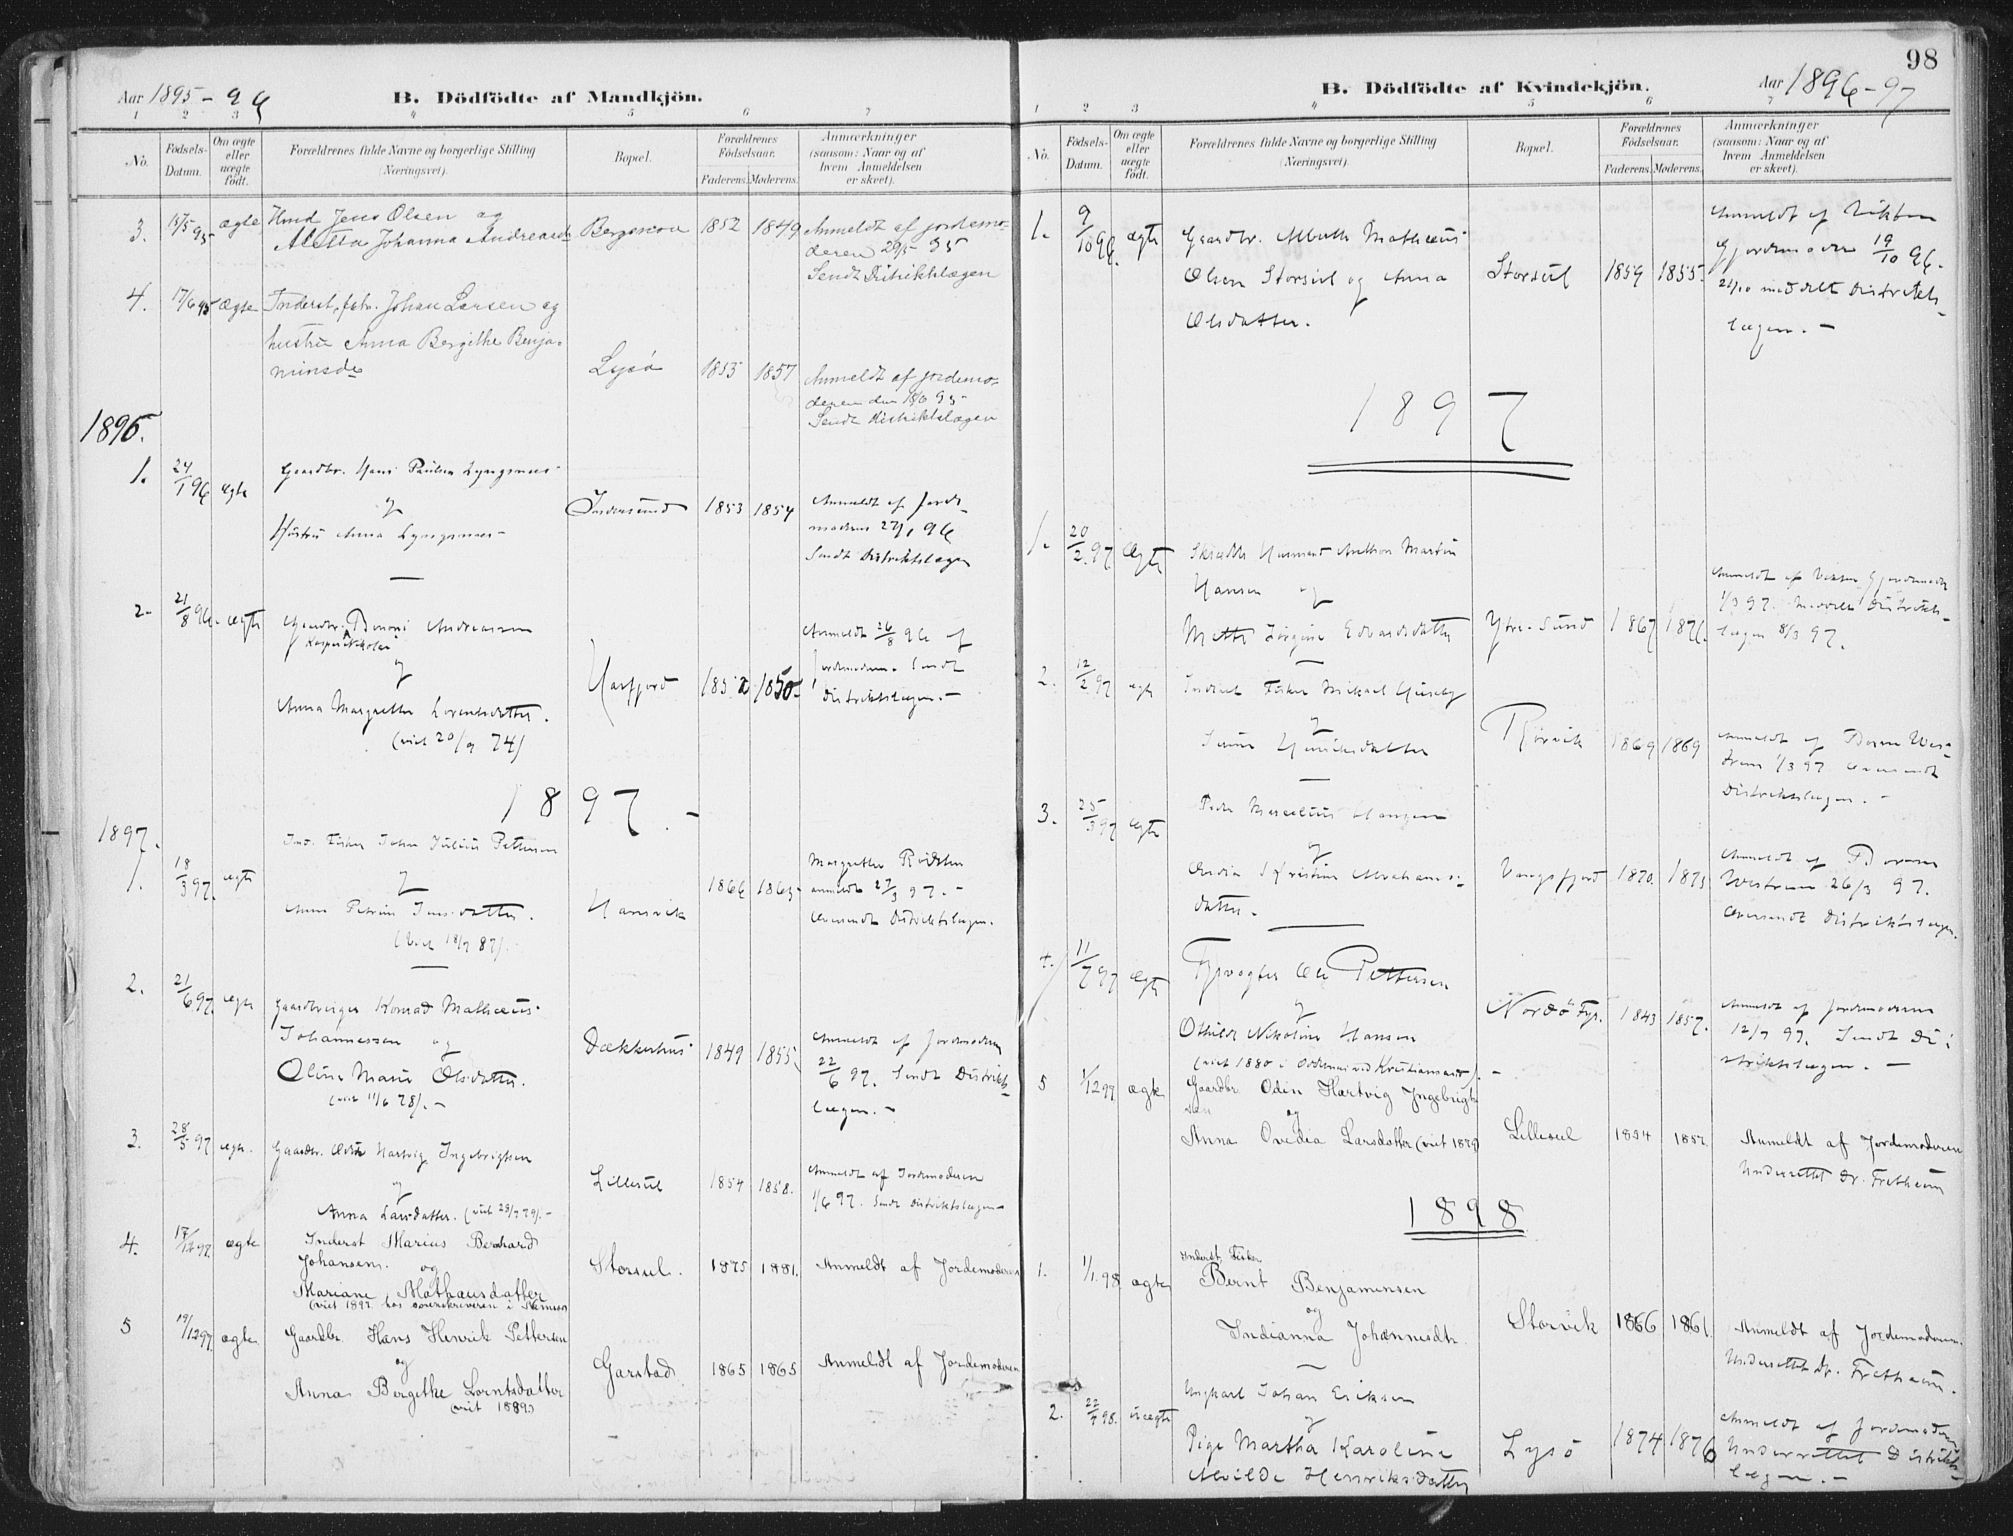 SAT, Ministerialprotokoller, klokkerbøker og fødselsregistre - Nord-Trøndelag, 786/L0687: Ministerialbok nr. 786A03, 1888-1898, s. 98